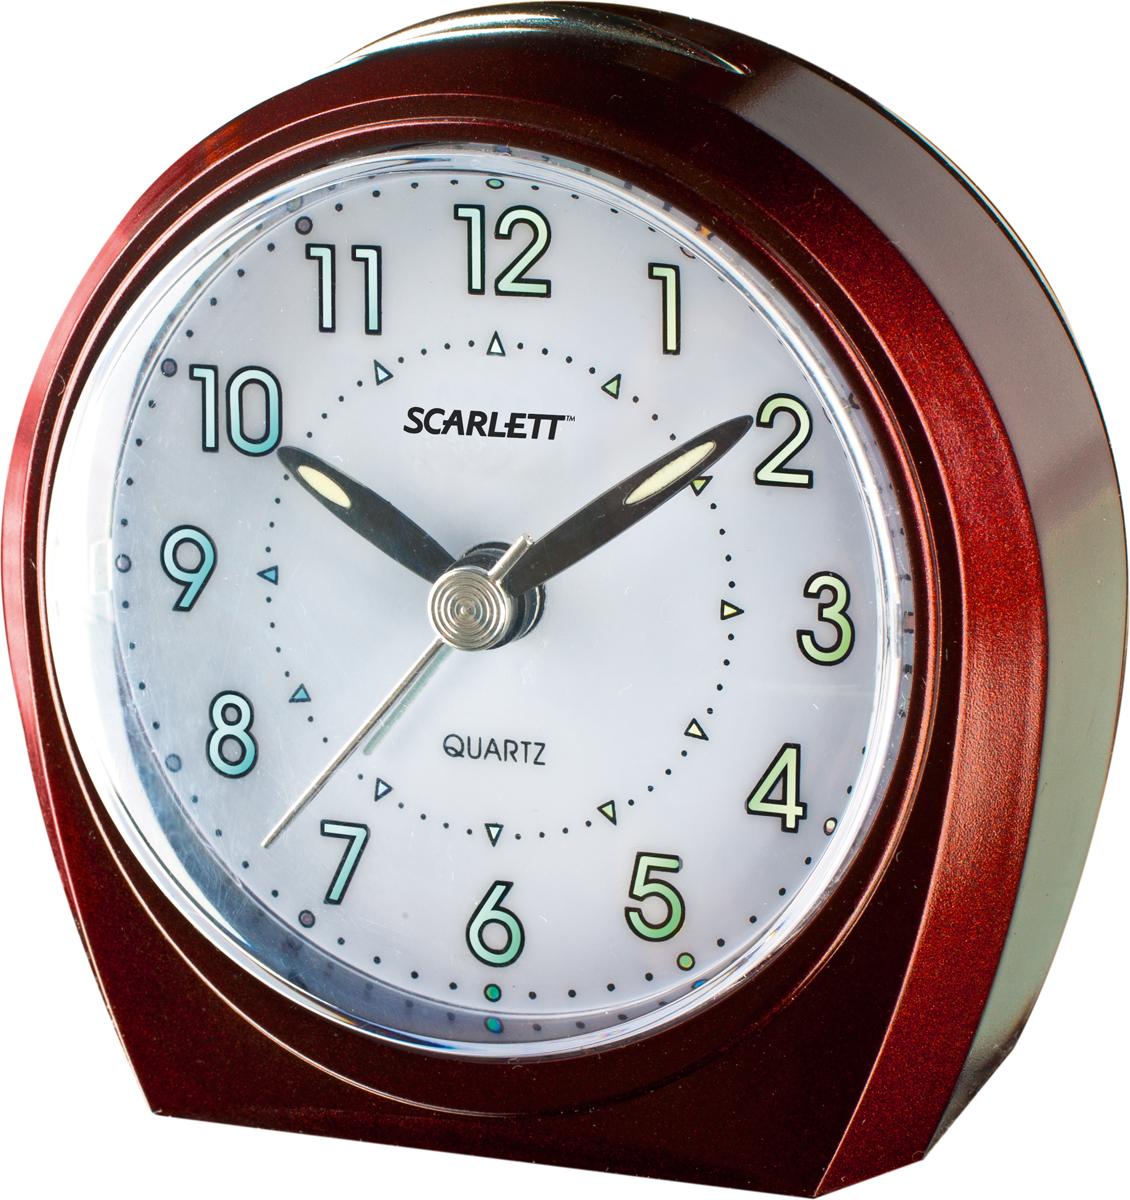 Scarlett SC-840 будильникSC-840Увеличенный циферблатРабота от одной батареи АА 1,5 Вольт (не включена в комплект)Подсветка циферблата для удобства пользования в ночное времяДве кнопки управления будильником: кнопка прерывания сигнала и кнопка отключенияПостепенно нарастающая громкость и интенсивность сигнала будильникаСигнал работает до его выключения